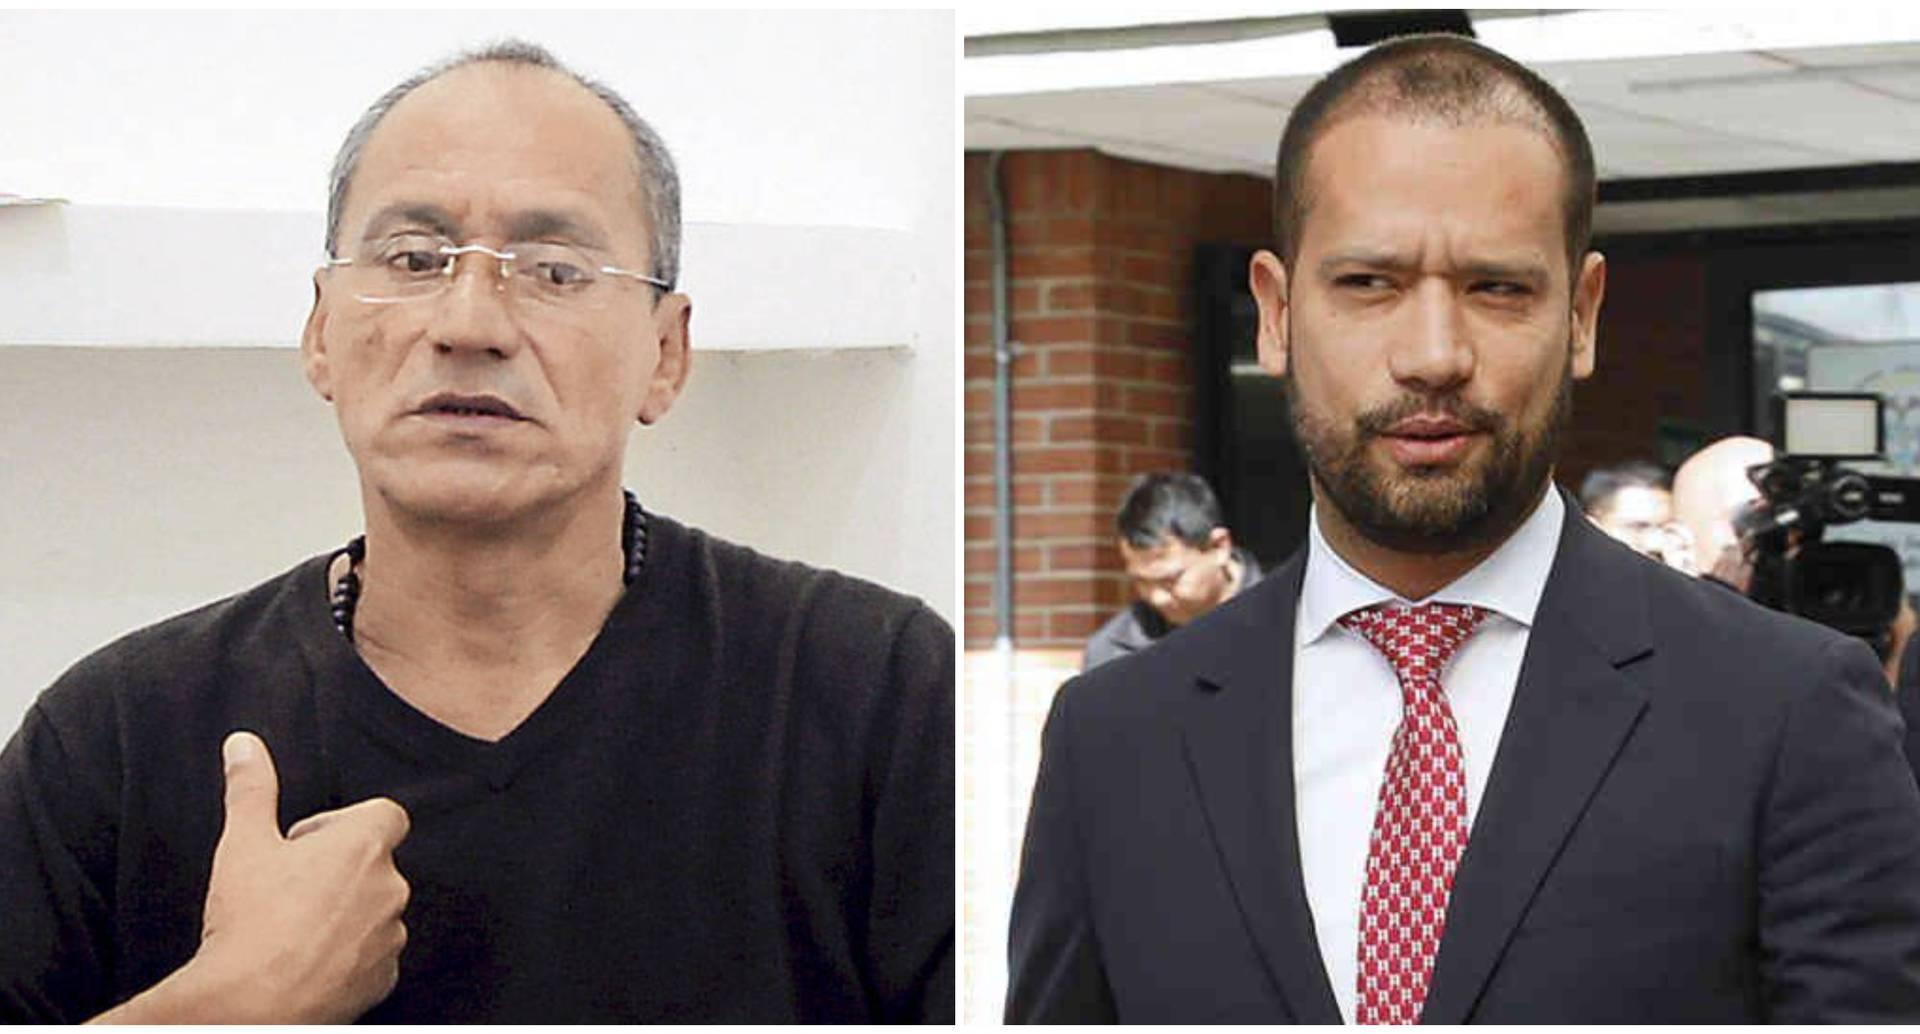 El exparamilitar Carlos Enrique Vélez habla de las supuestas consignaciones que le hizo Diego Cadena.